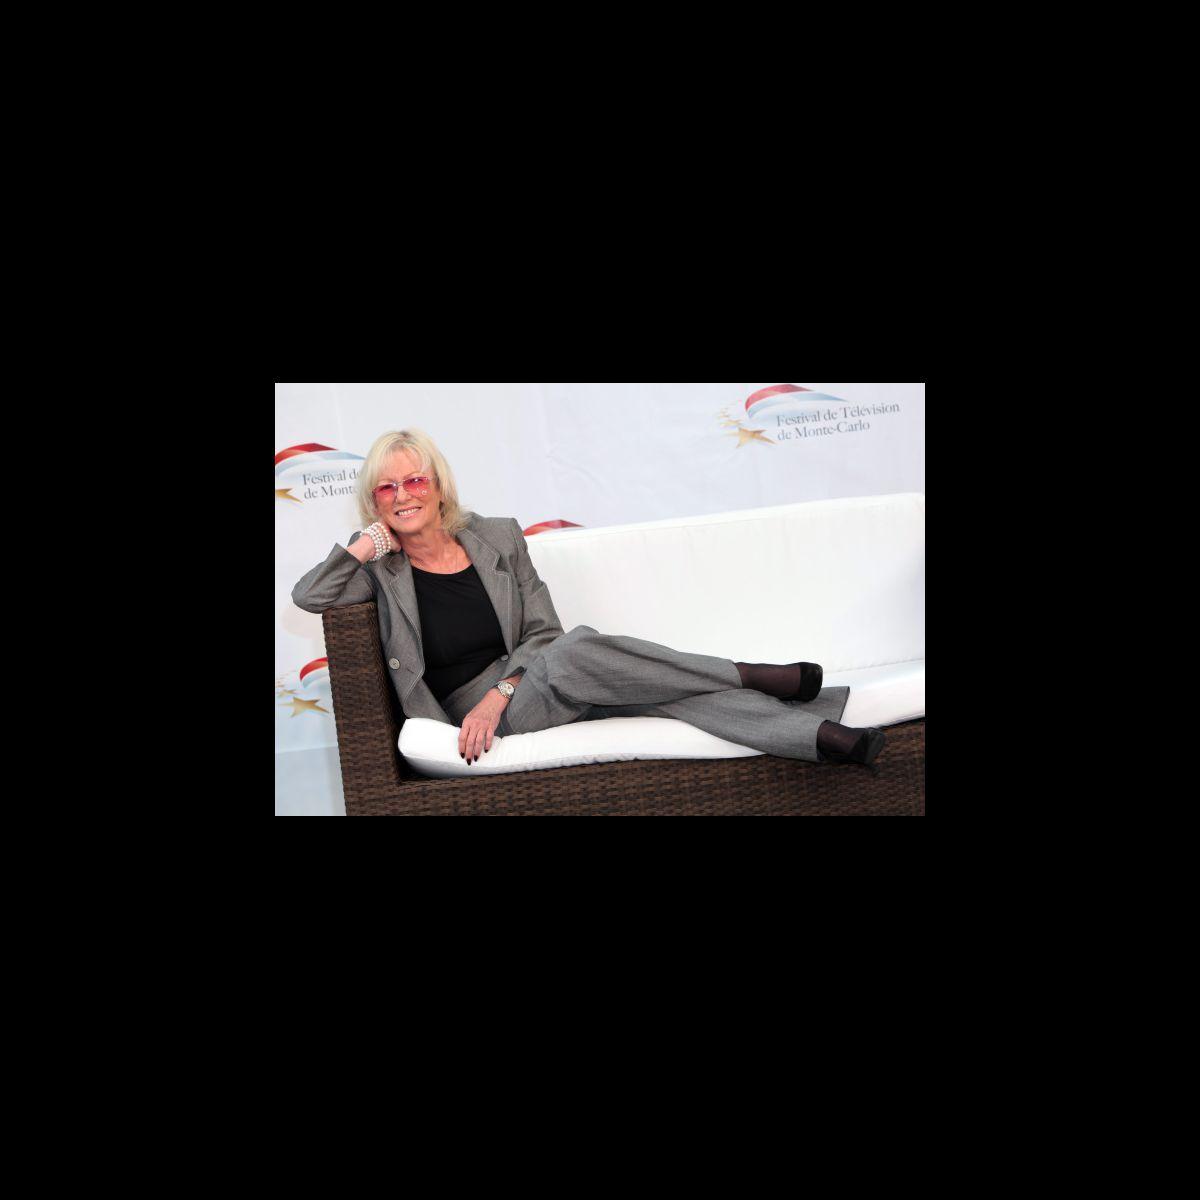 Evelyne leclercq en 2010 photo puremedias - Porter plainte pour harcelement telephonique ...